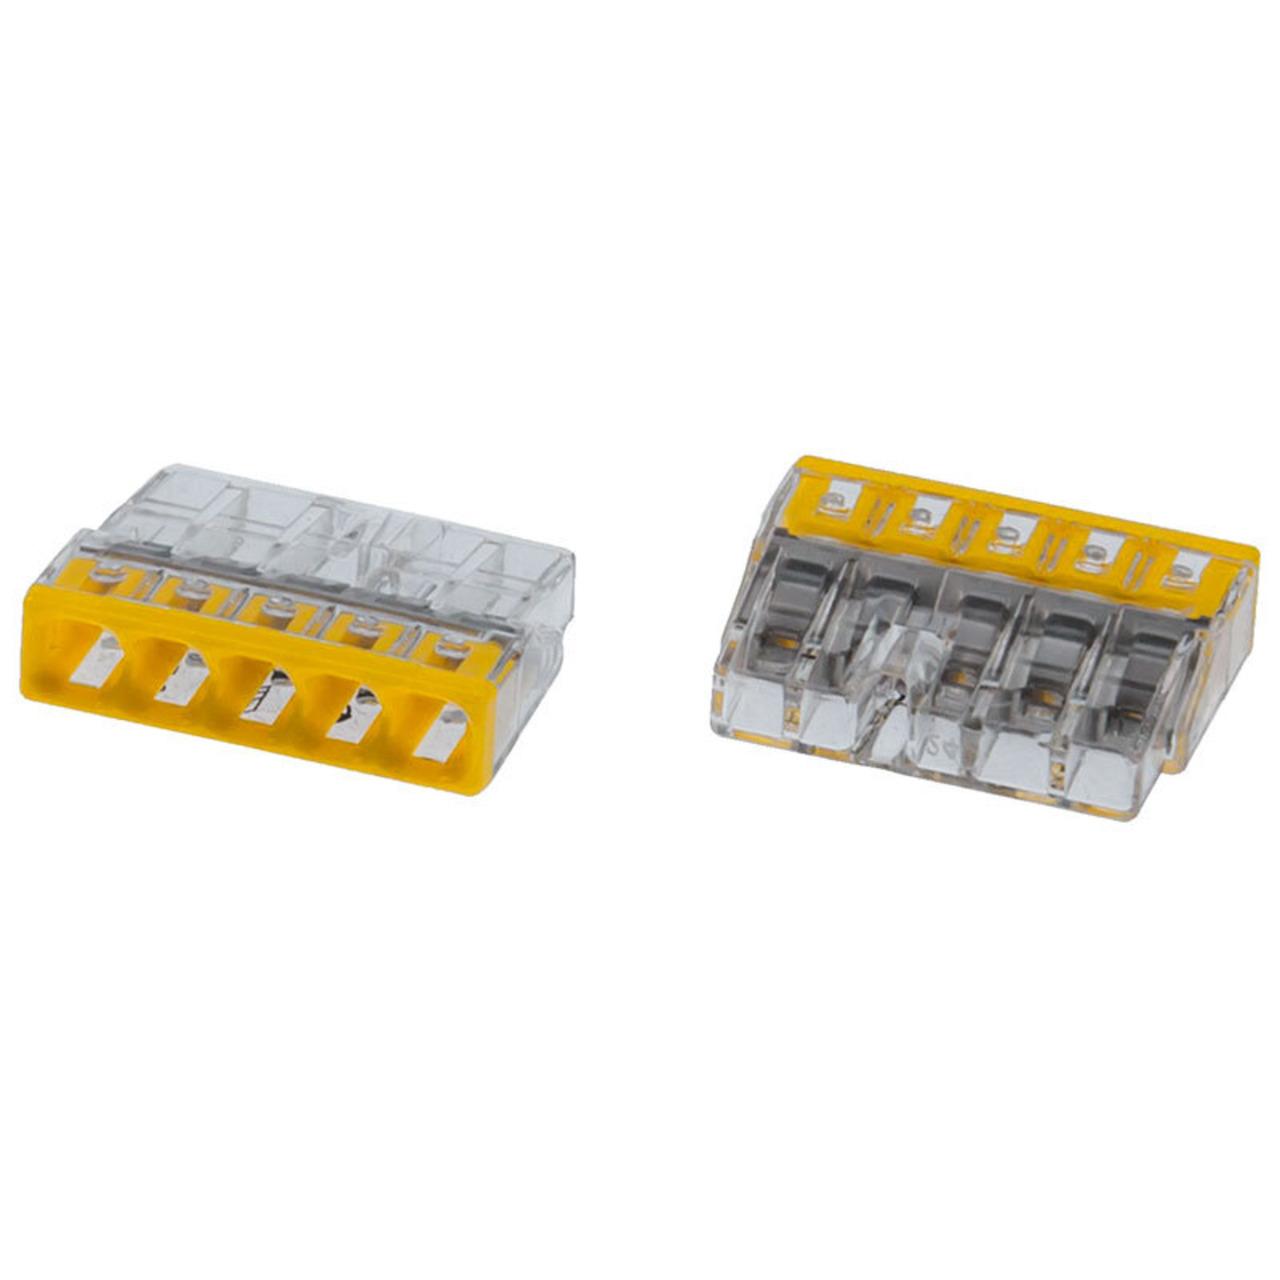 Wago Compact 2273-205 Verbindungsklemme- 5pol- 100 Stück